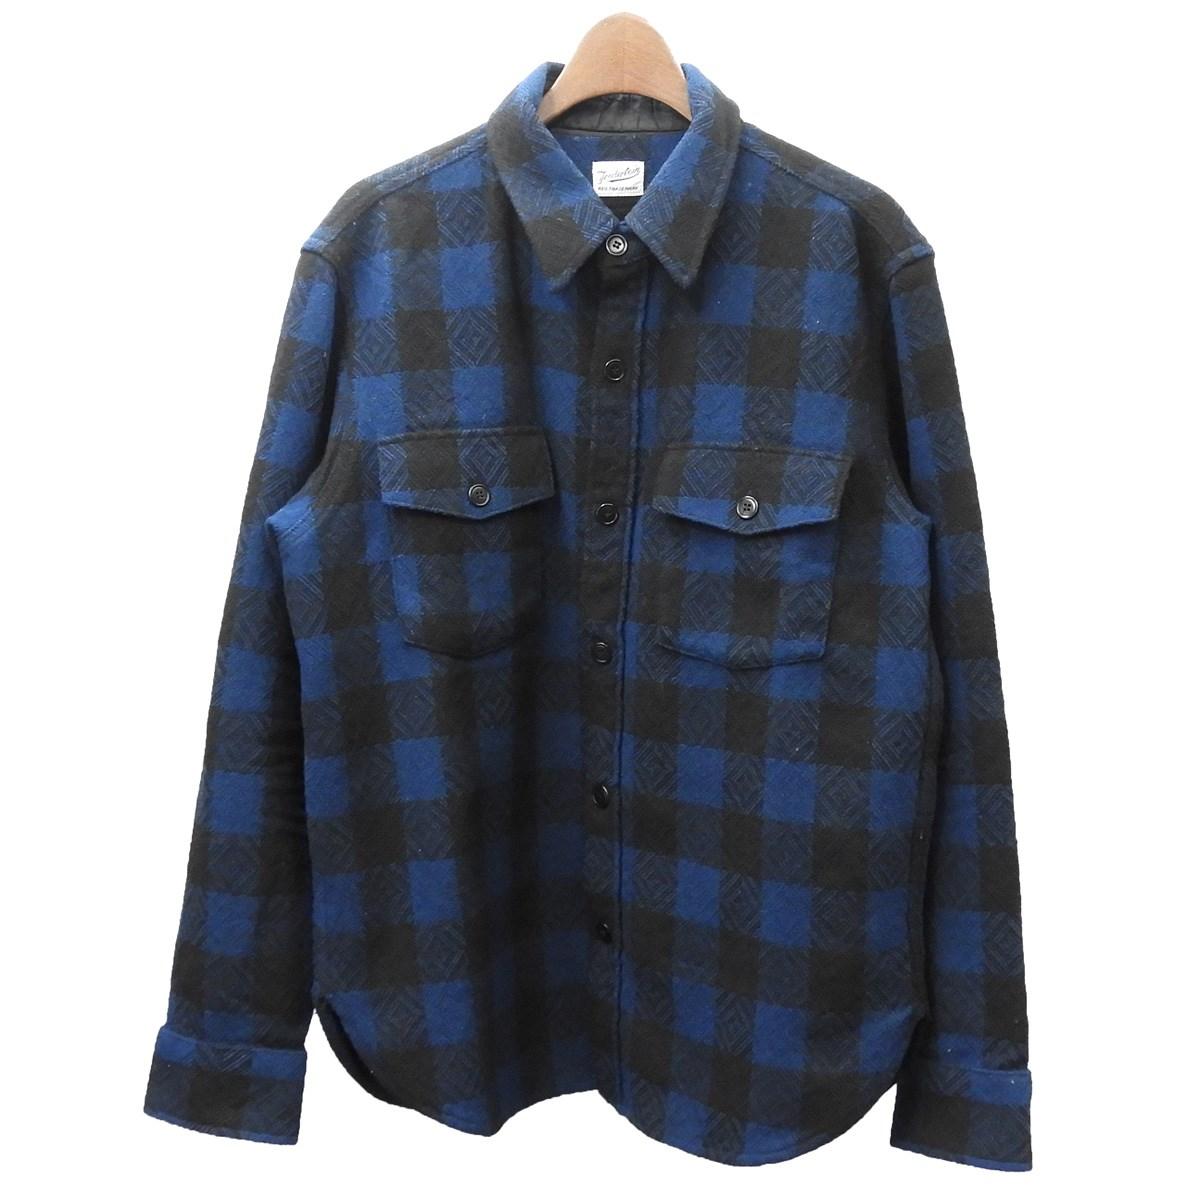 【中古】TENDERLOIN 2015AW 「T-BUFFALO SHT JKT」 バッファローチェックシャツジャケット ネイビー×ブラック サイズ:S 【050420】(テンダーロイン)